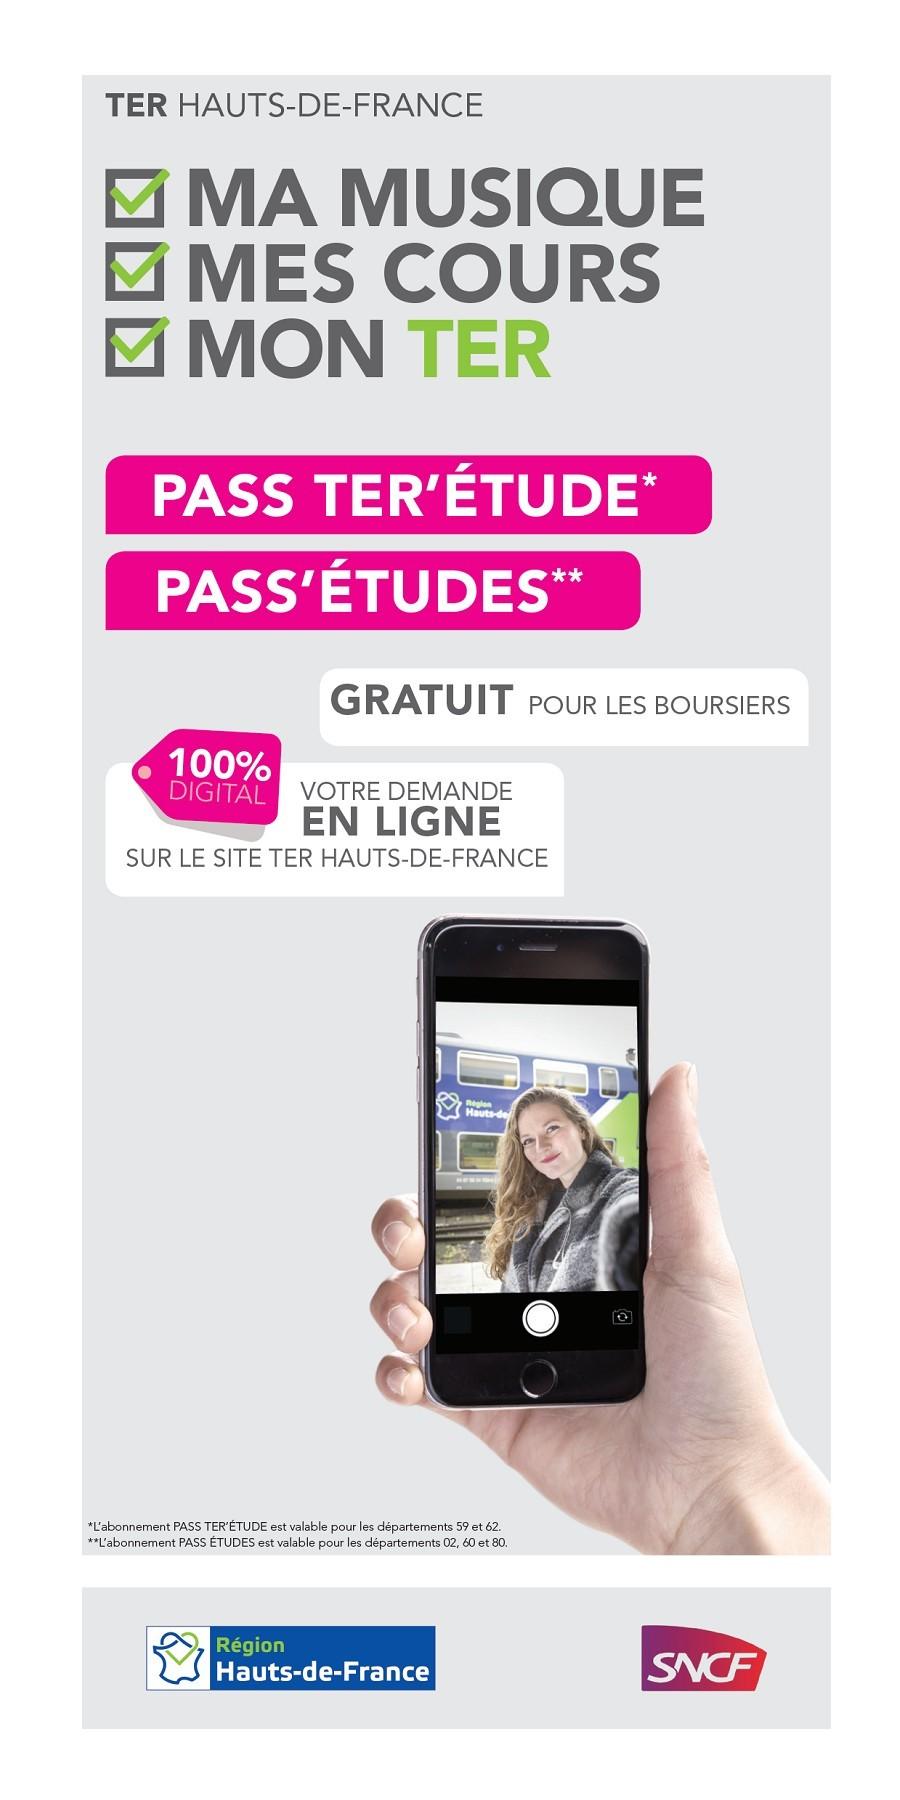 Leclerc Mobile Mon Compte Élégant Guide Job Hdf 2018 Pages 1 48 Text Version Of 40 Élégant Leclerc Mobile Mon Compte